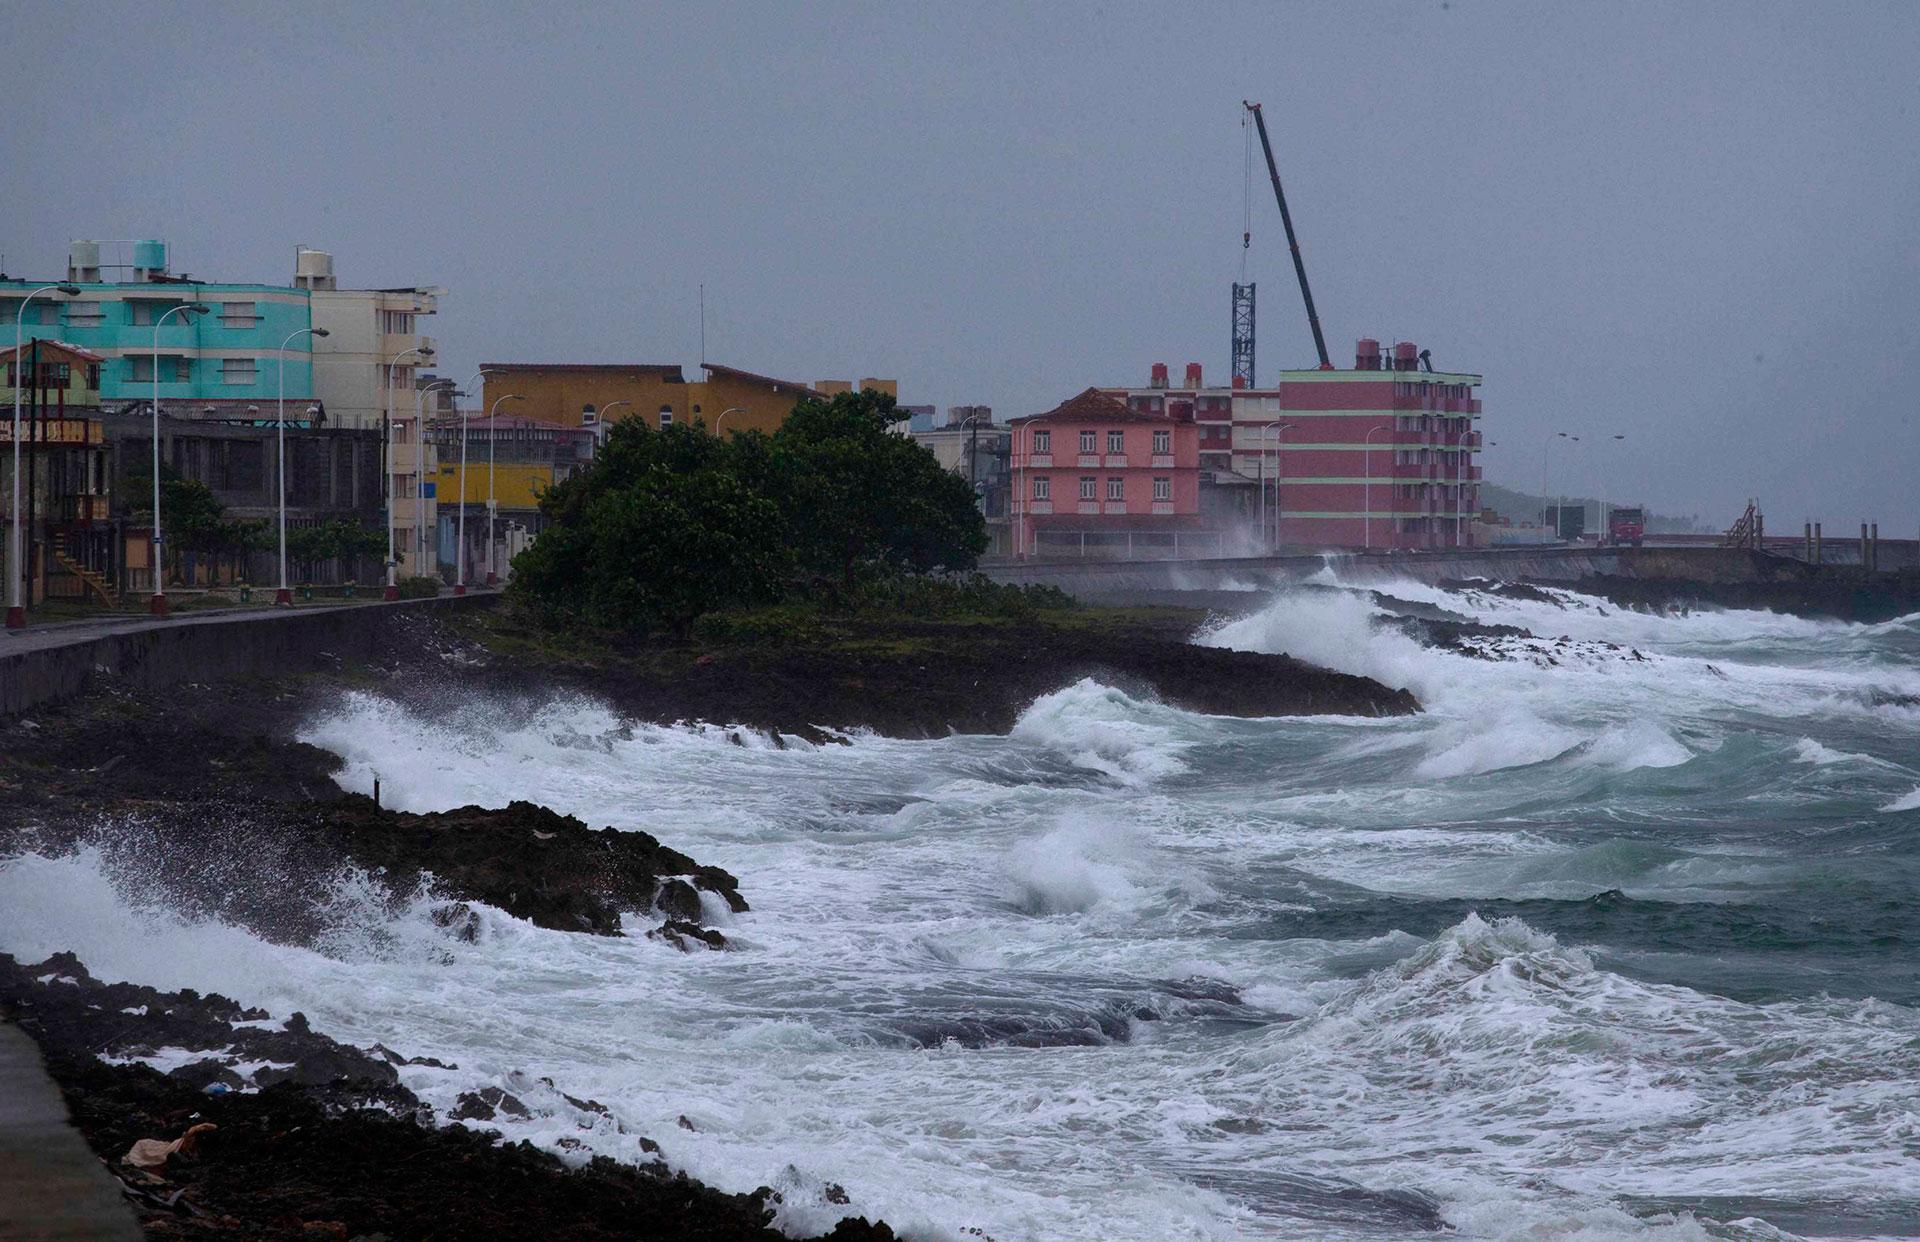 Testimonios de vecinos recogidos por medios cubanos indicaron que los vientos han levantado techos y han derrumbado paredes de viviendas, almacenes, instalaciones y algunos hoteles en esa localidad (AP)